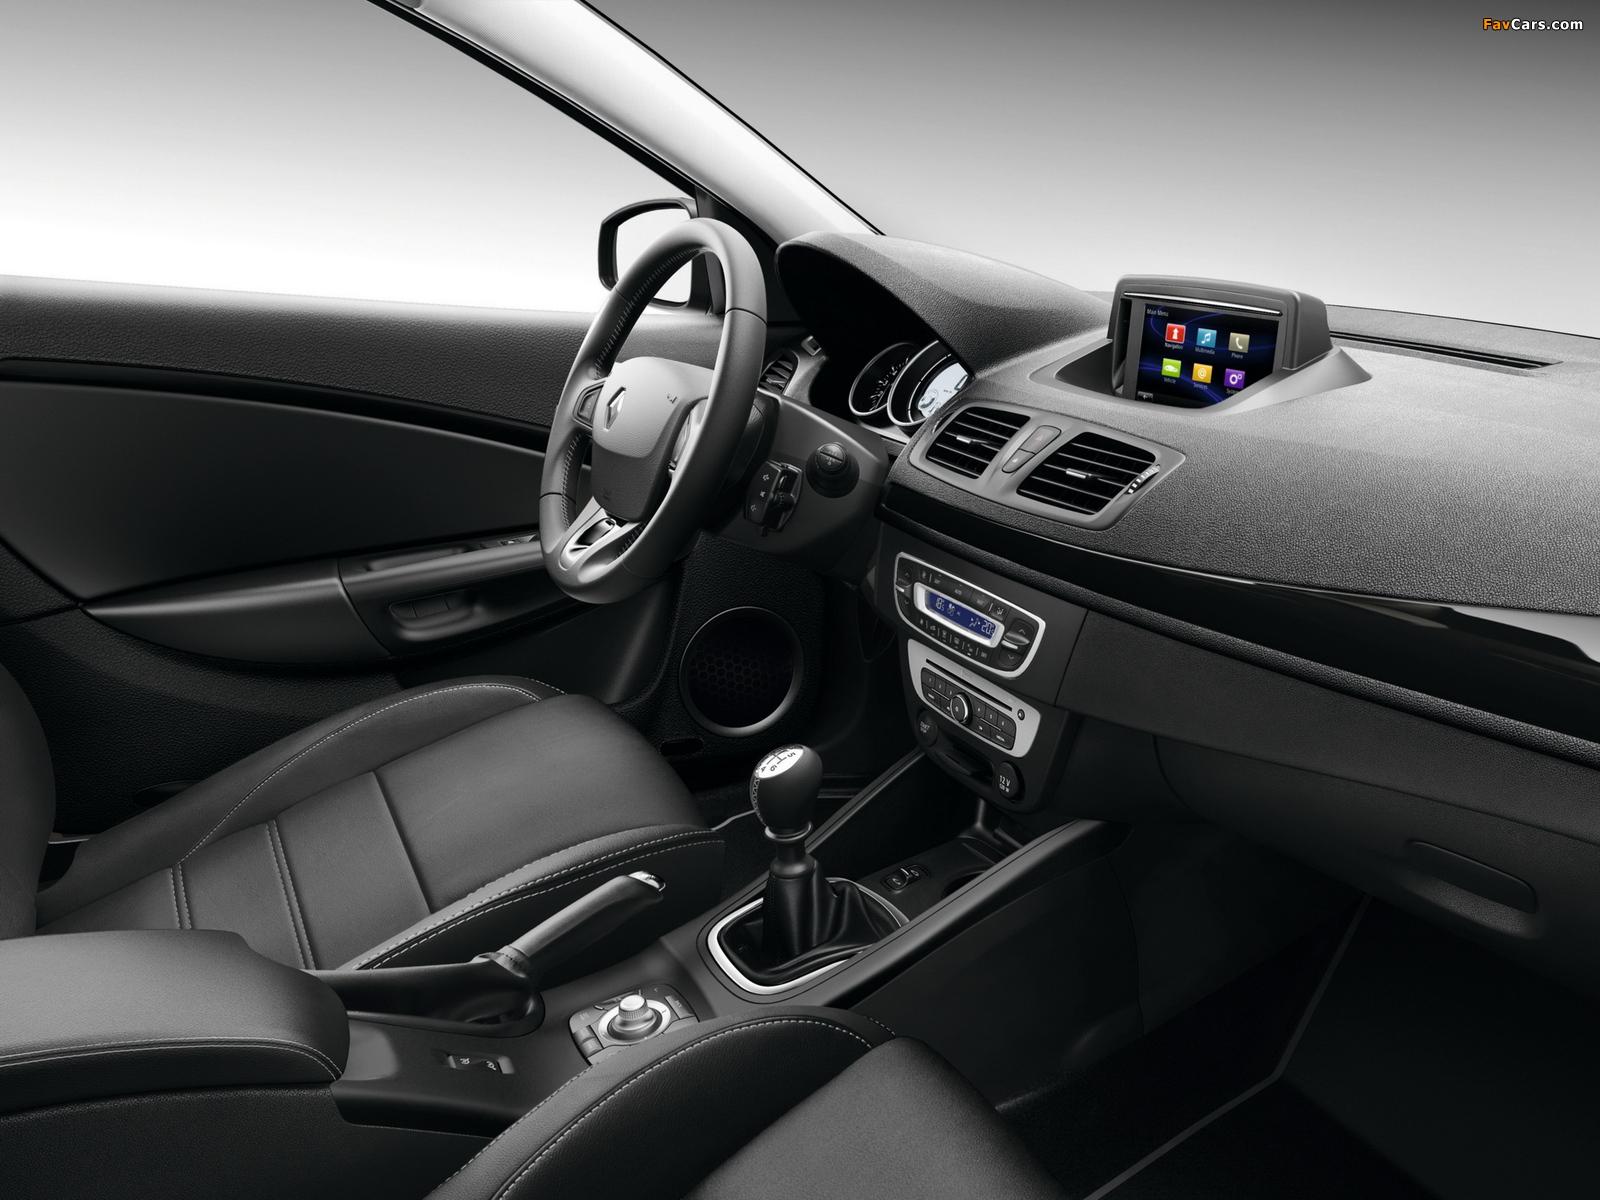 Renault Mégane Coupé-Cabriolet 2014 images (1600 x 1200)